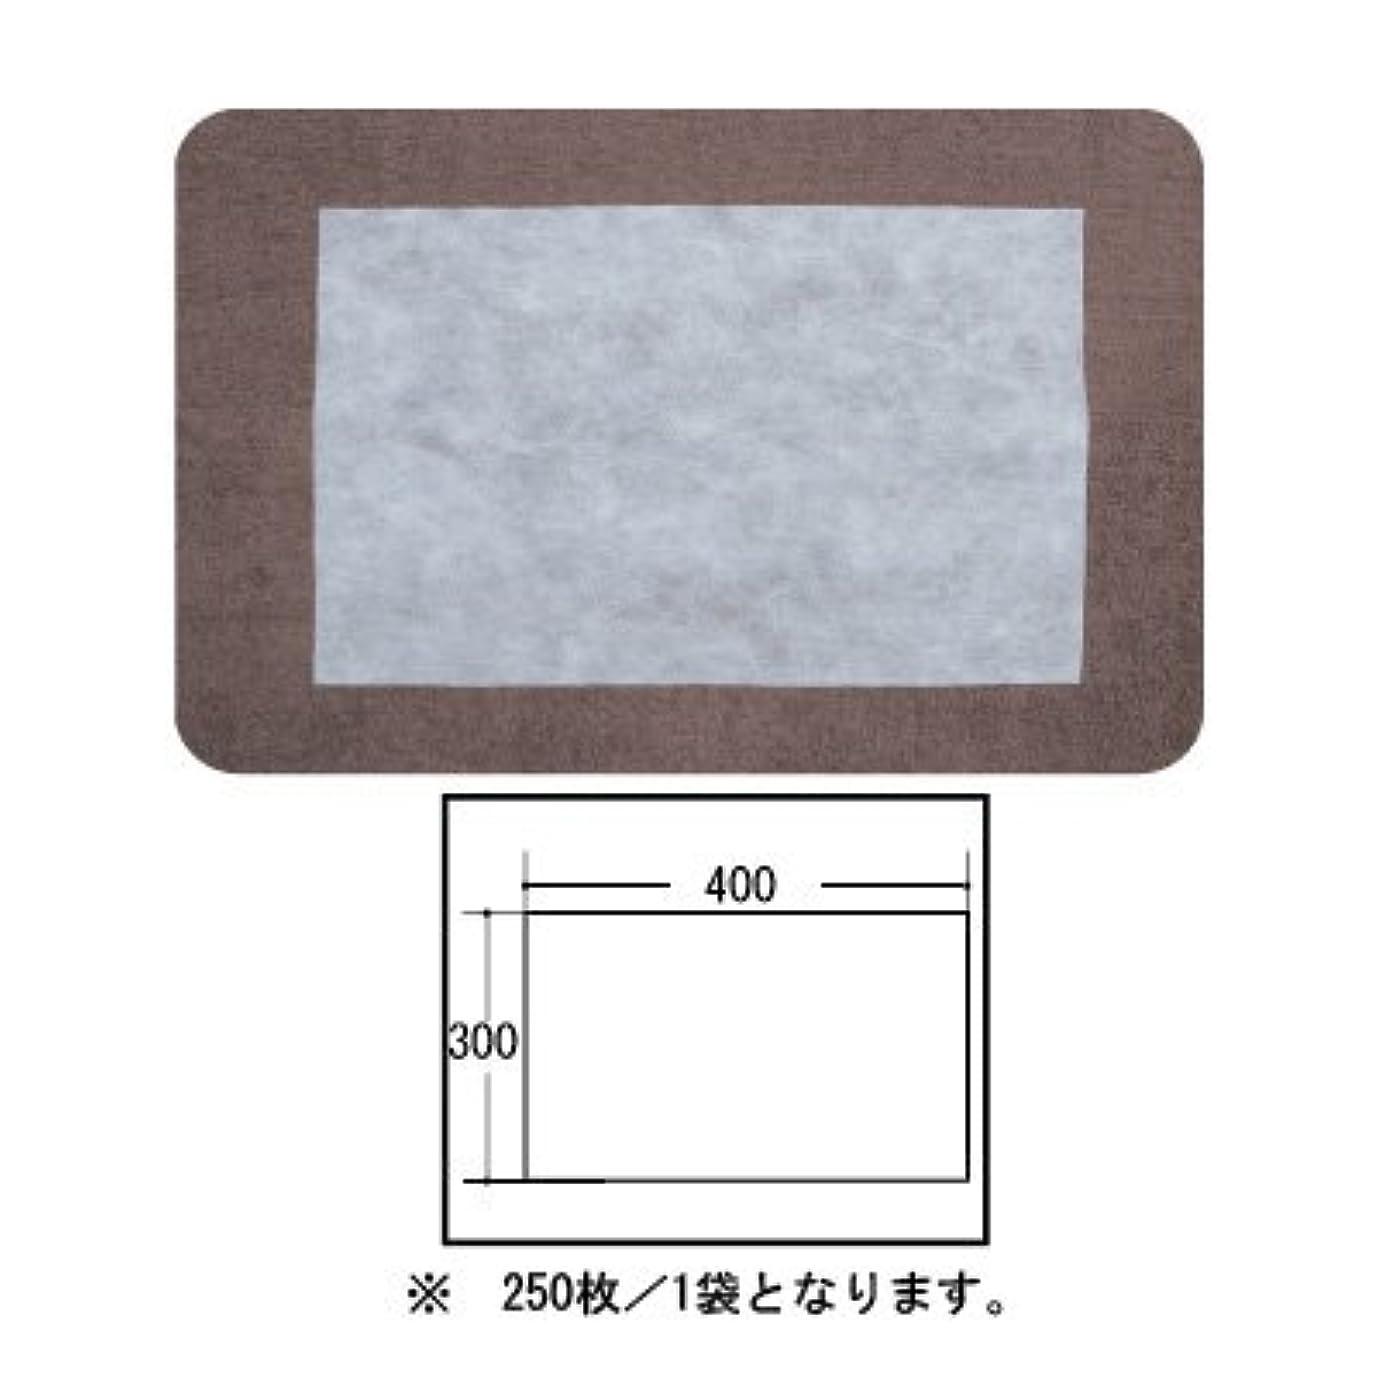 世紀生き物やりすぎ(ロータス)LOTUS 日本製 ピロカバー カット無し 250枚入 業務用 マルチな不織布カバー